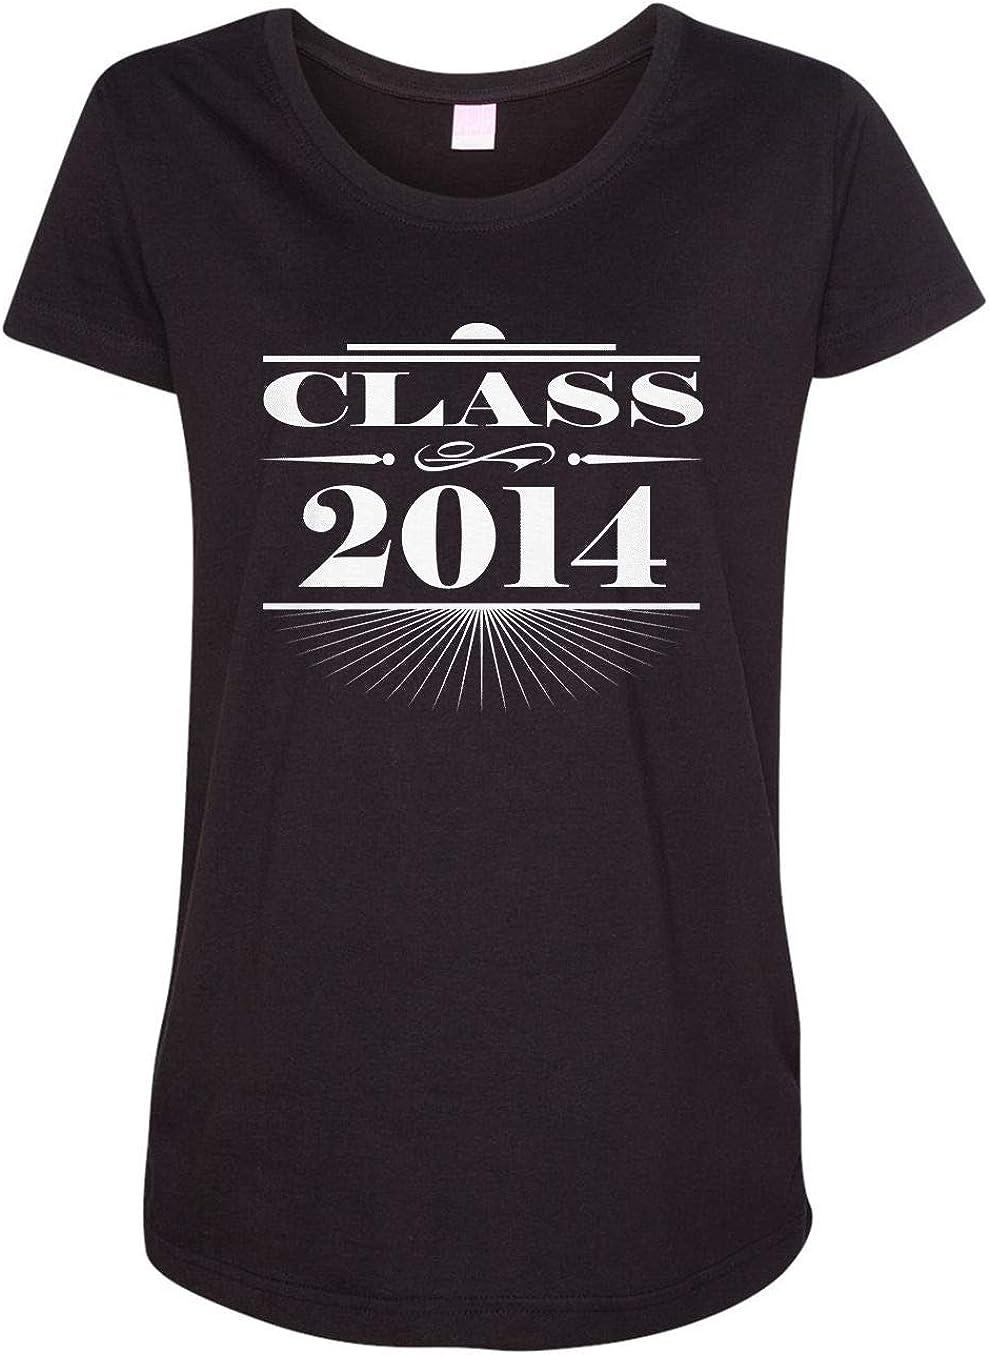 HARD EDGE DESIGN Women's Art Deco Class of 2014 T-Shirt